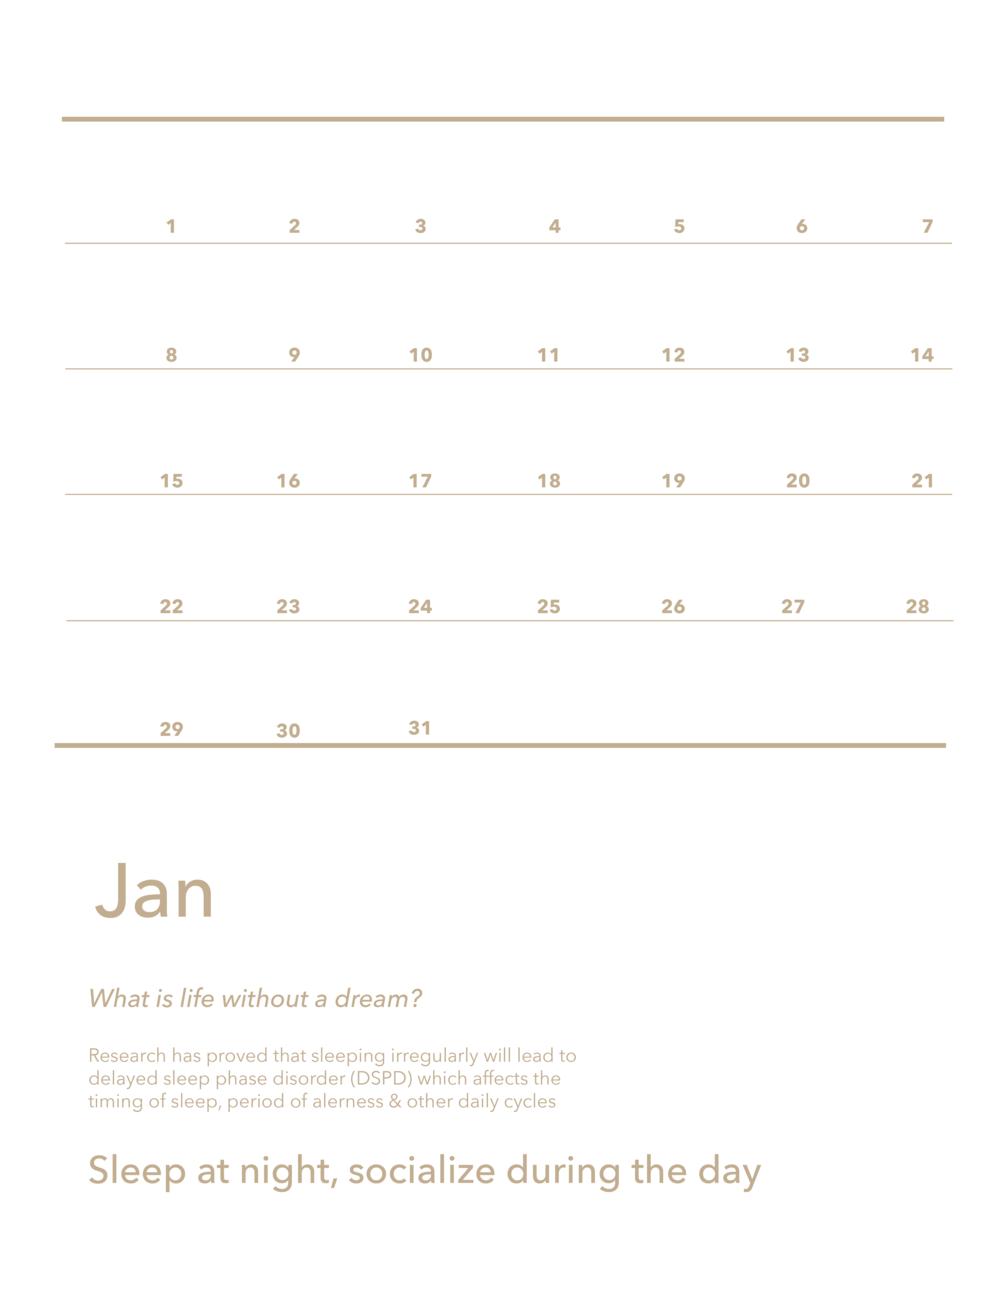 CalendarPoster_nosticker-17.png